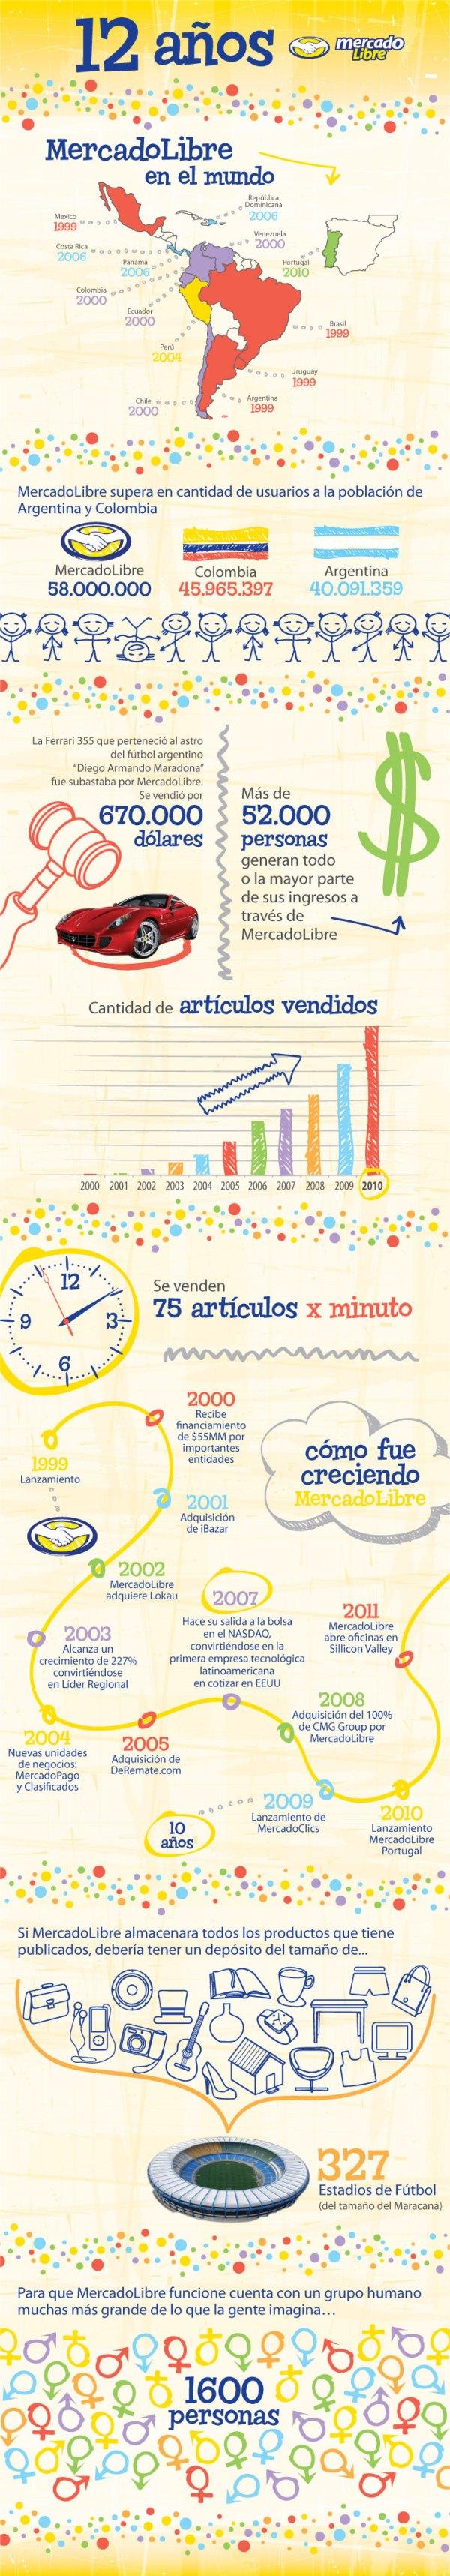 Los doce años de MercadoLibre en una infografía - infografia